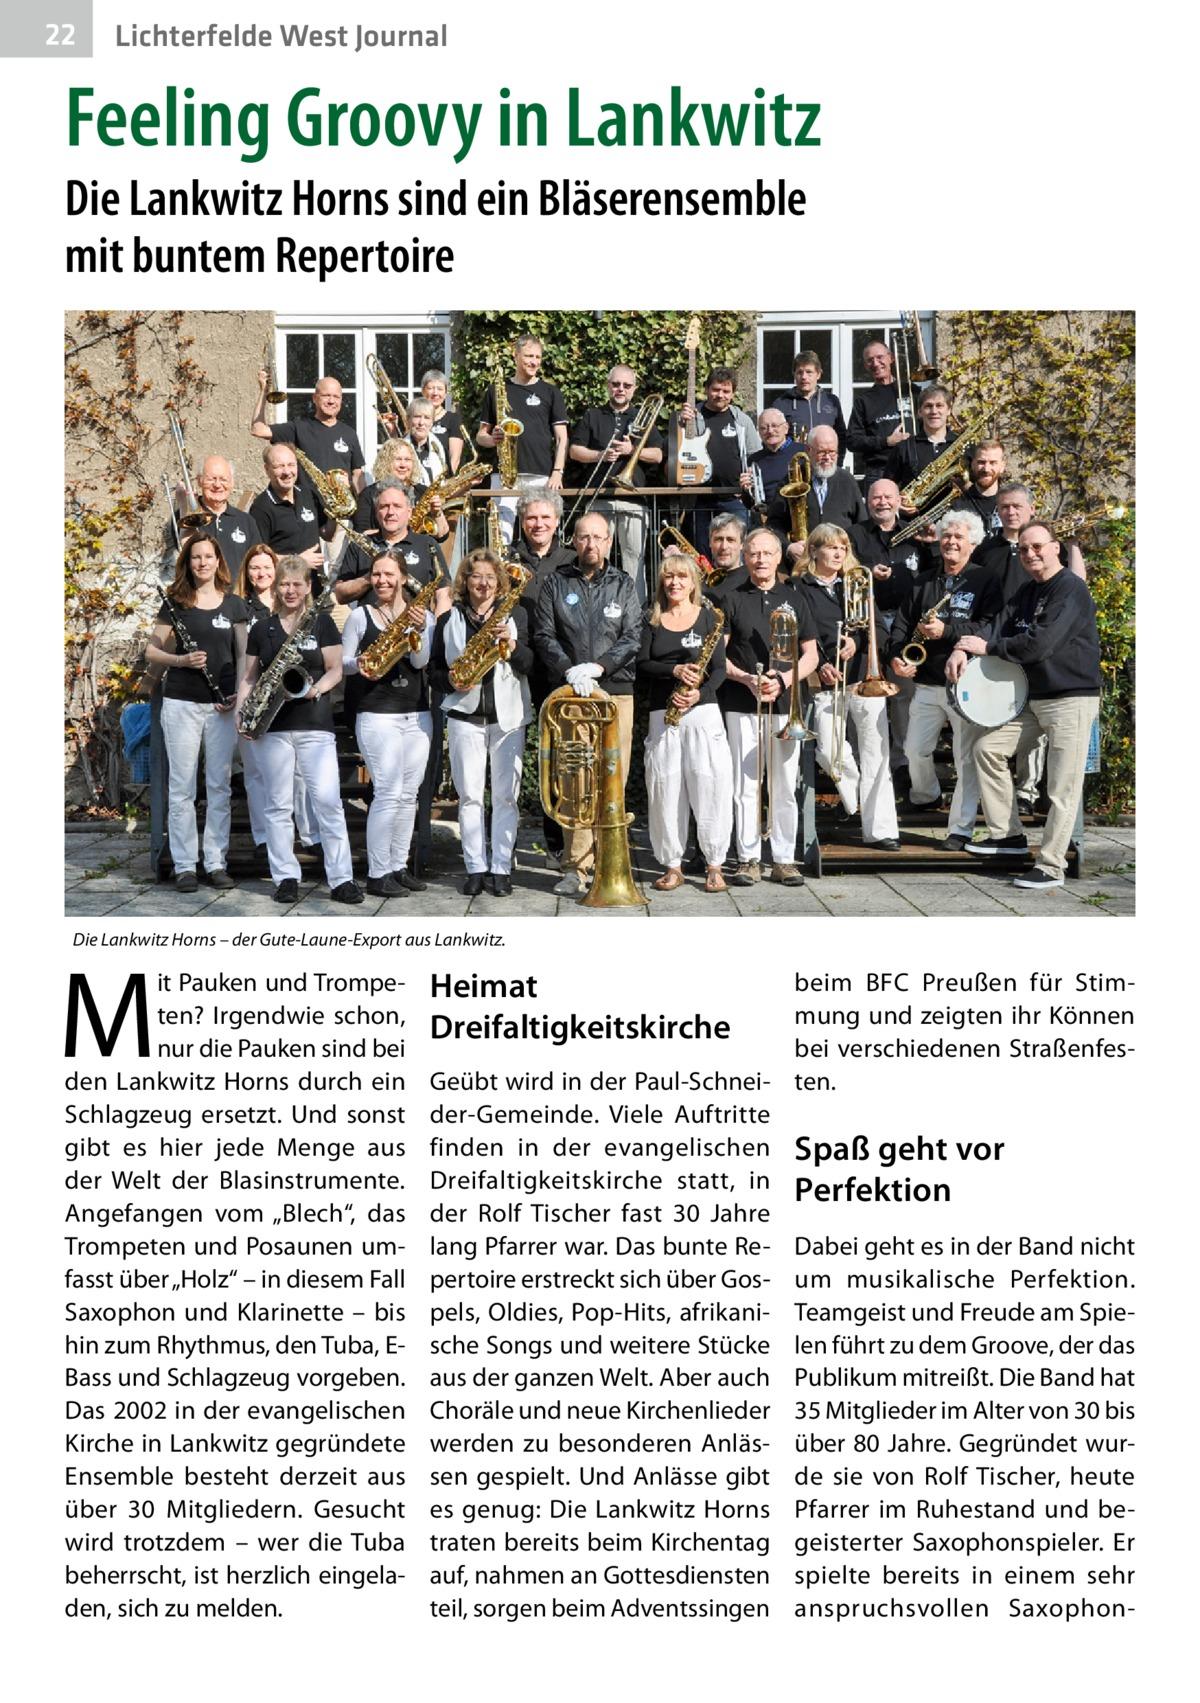 """22  Lichterfelde West Journal  Feeling Groovy in Lankwitz Die Lankwitz Horns sind ein Bläserensemble mit buntem Repertoire  Die Lankwitz Horns – der Gute-Laune-Export aus Lankwitz.  M  it Pauken und Trompeten? Irgendwie schon, nur die Pauken sind bei den Lankwitz Horns durch ein Schlagzeug ersetzt. Und sonst gibt es hier jede Menge aus der Welt der Blasinstrumente. Angefangen vom """"Blech"""", das Trompeten und Posaunen umfasst über """"Holz"""" – in diesem Fall Saxophon und Klarinette – bis hin zum Rhythmus, den Tuba, EBass und Schlagzeug vorgeben. Das 2002 in der evangelischen Kirche in Lankwitz gegründete Ensemble besteht derzeit aus über 30 Mitgliedern. Gesucht wird trotzdem – wer die Tuba beherrscht, ist herzlich eingeladen, sich zu melden.  Heimat Dreifaltigkeitskirche  beim BFC Preußen für Stimmung und zeigten ihr Können bei verschiedenen StraßenfesGeübt wird in der Paul-Schnei- ten. der-Gemeinde. Viele Auftritte finden in der evangelischen Spaß geht vor Dreifaltigkeitskirche statt, in Perfektion der Rolf Tischer fast 30 Jahre lang Pfarrer war. Das bunte Re- Dabei geht es in der Band nicht pertoire erstreckt sich über Gos- um musikalische Perfektion. pels, Oldies, Pop-Hits, afrikani- Teamgeist und Freude am Spiesche Songs und weitere Stücke len führt zu dem Groove, der das aus der ganzen Welt. Aber auch Publikum mitreißt. Die Band hat Choräle und neue Kirchenlieder 35Mitglieder im Alter von 30 bis werden zu besonderen Anläs- über 80Jahre. Gegründet wursen gespielt. Und Anlässe gibt de sie von Rolf Tischer, heute es genug: Die Lankwitz Horns Pfarrer im Ruhestand und betraten bereits beim Kirchentag geisterter Saxophonspieler. Er auf, nahmen an Gottesdiensten spielte bereits in einem sehr teil, sorgen beim Adventssingen anspruchsvollen Saxopho"""